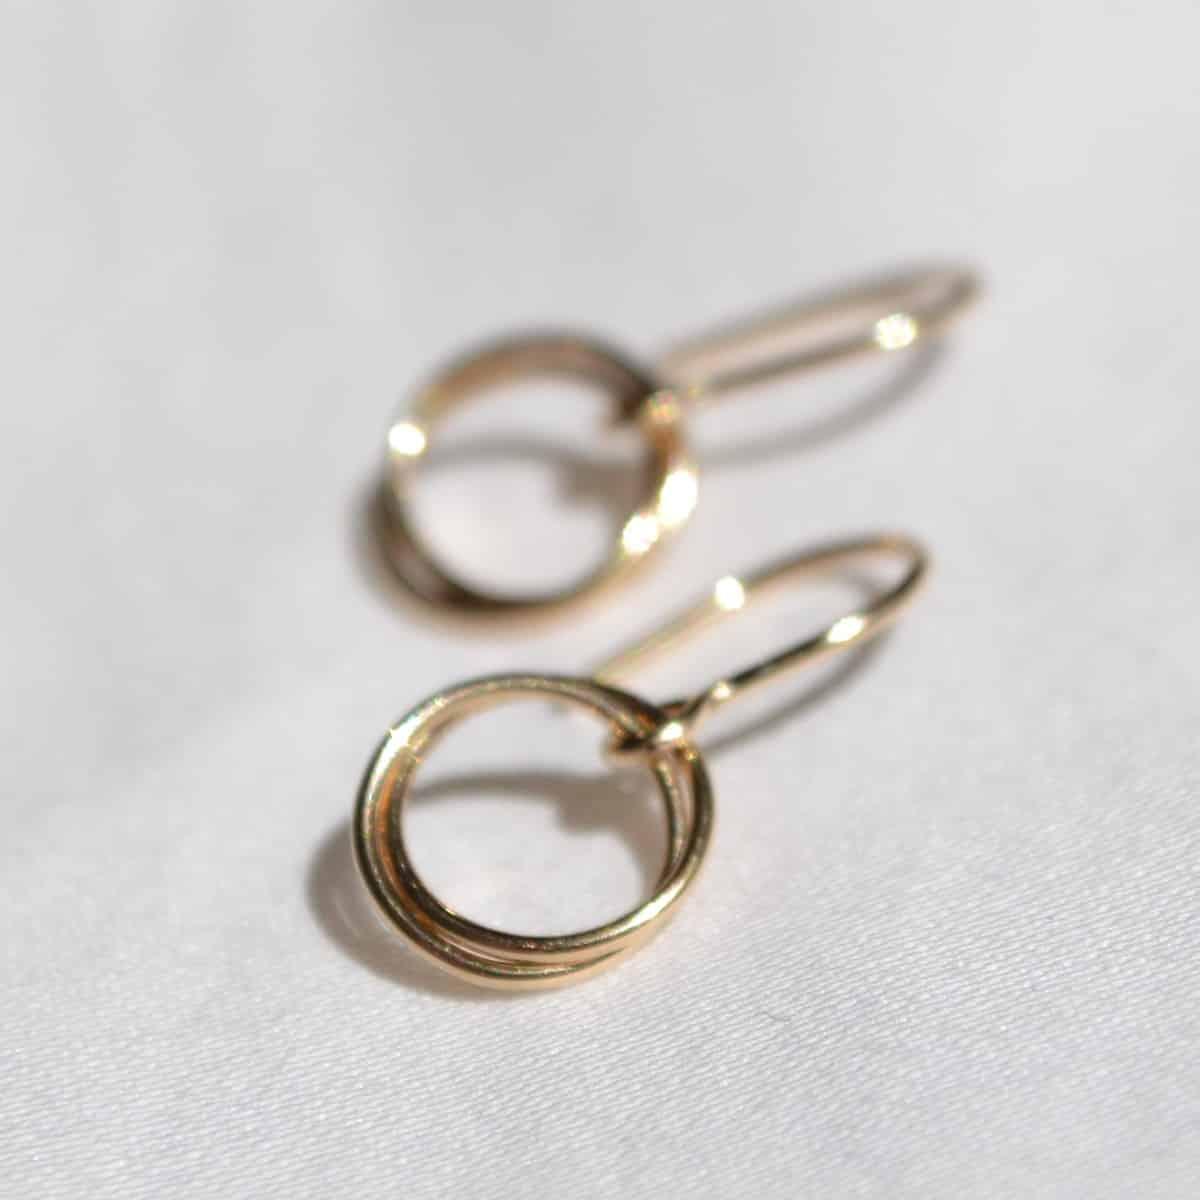 Serenade Earrings In 14k Gold Filled By Little Hangings